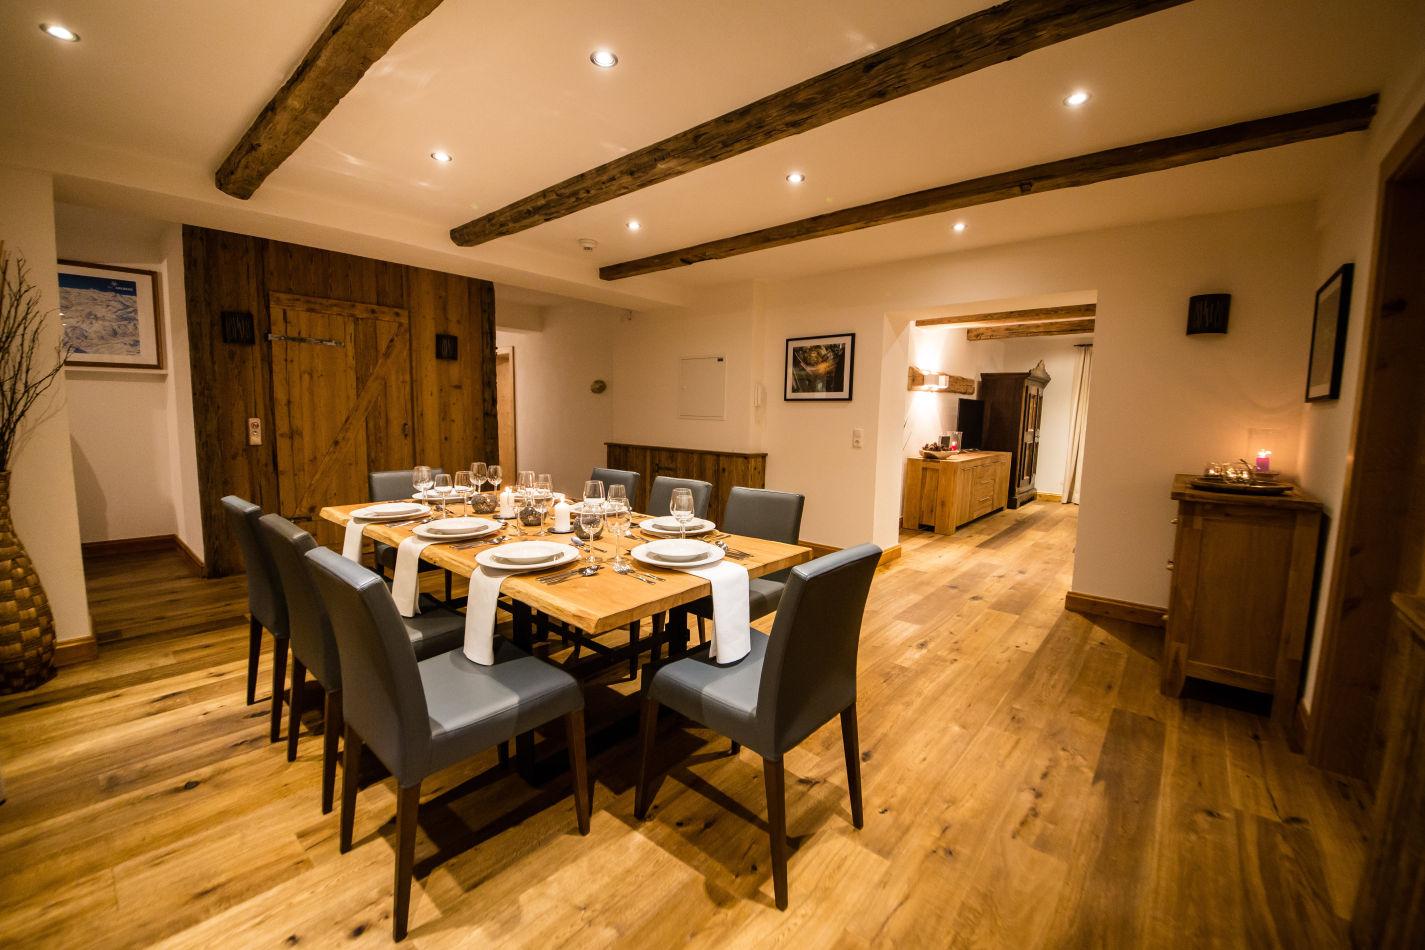 53-dining-room